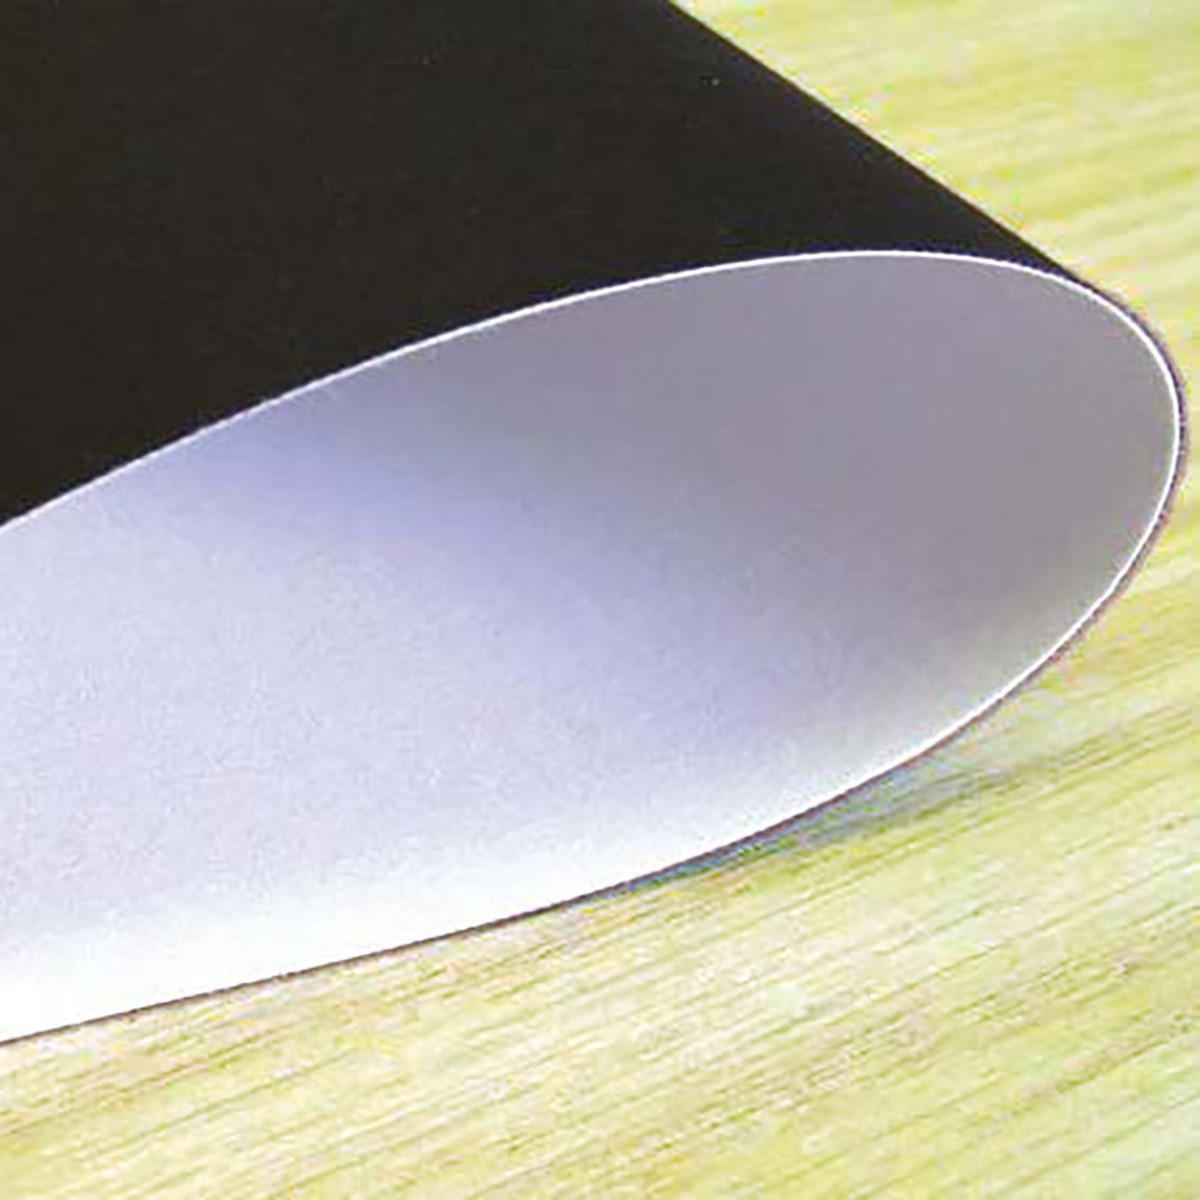 PRINTEC PODGUMA 1.0  780mm